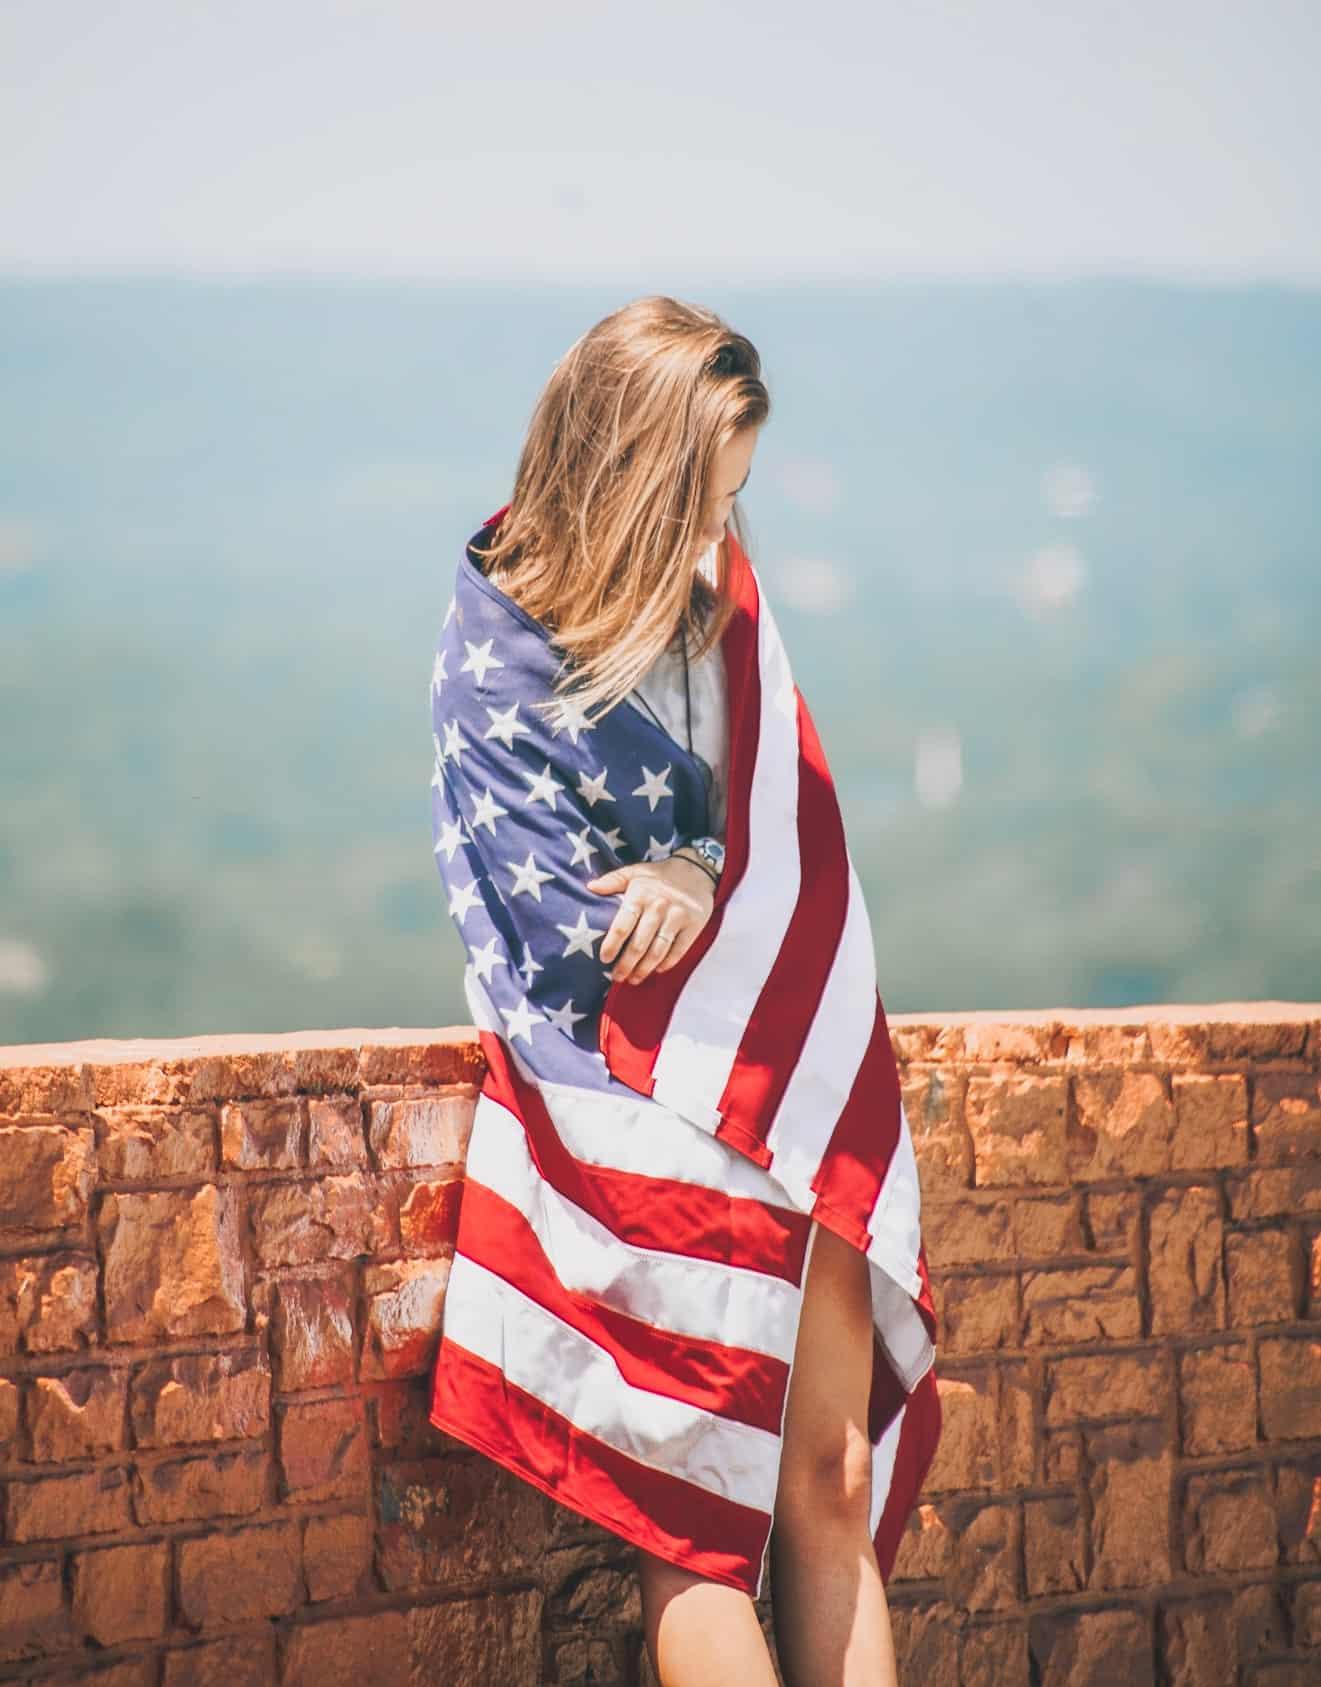 MST veteran benefits